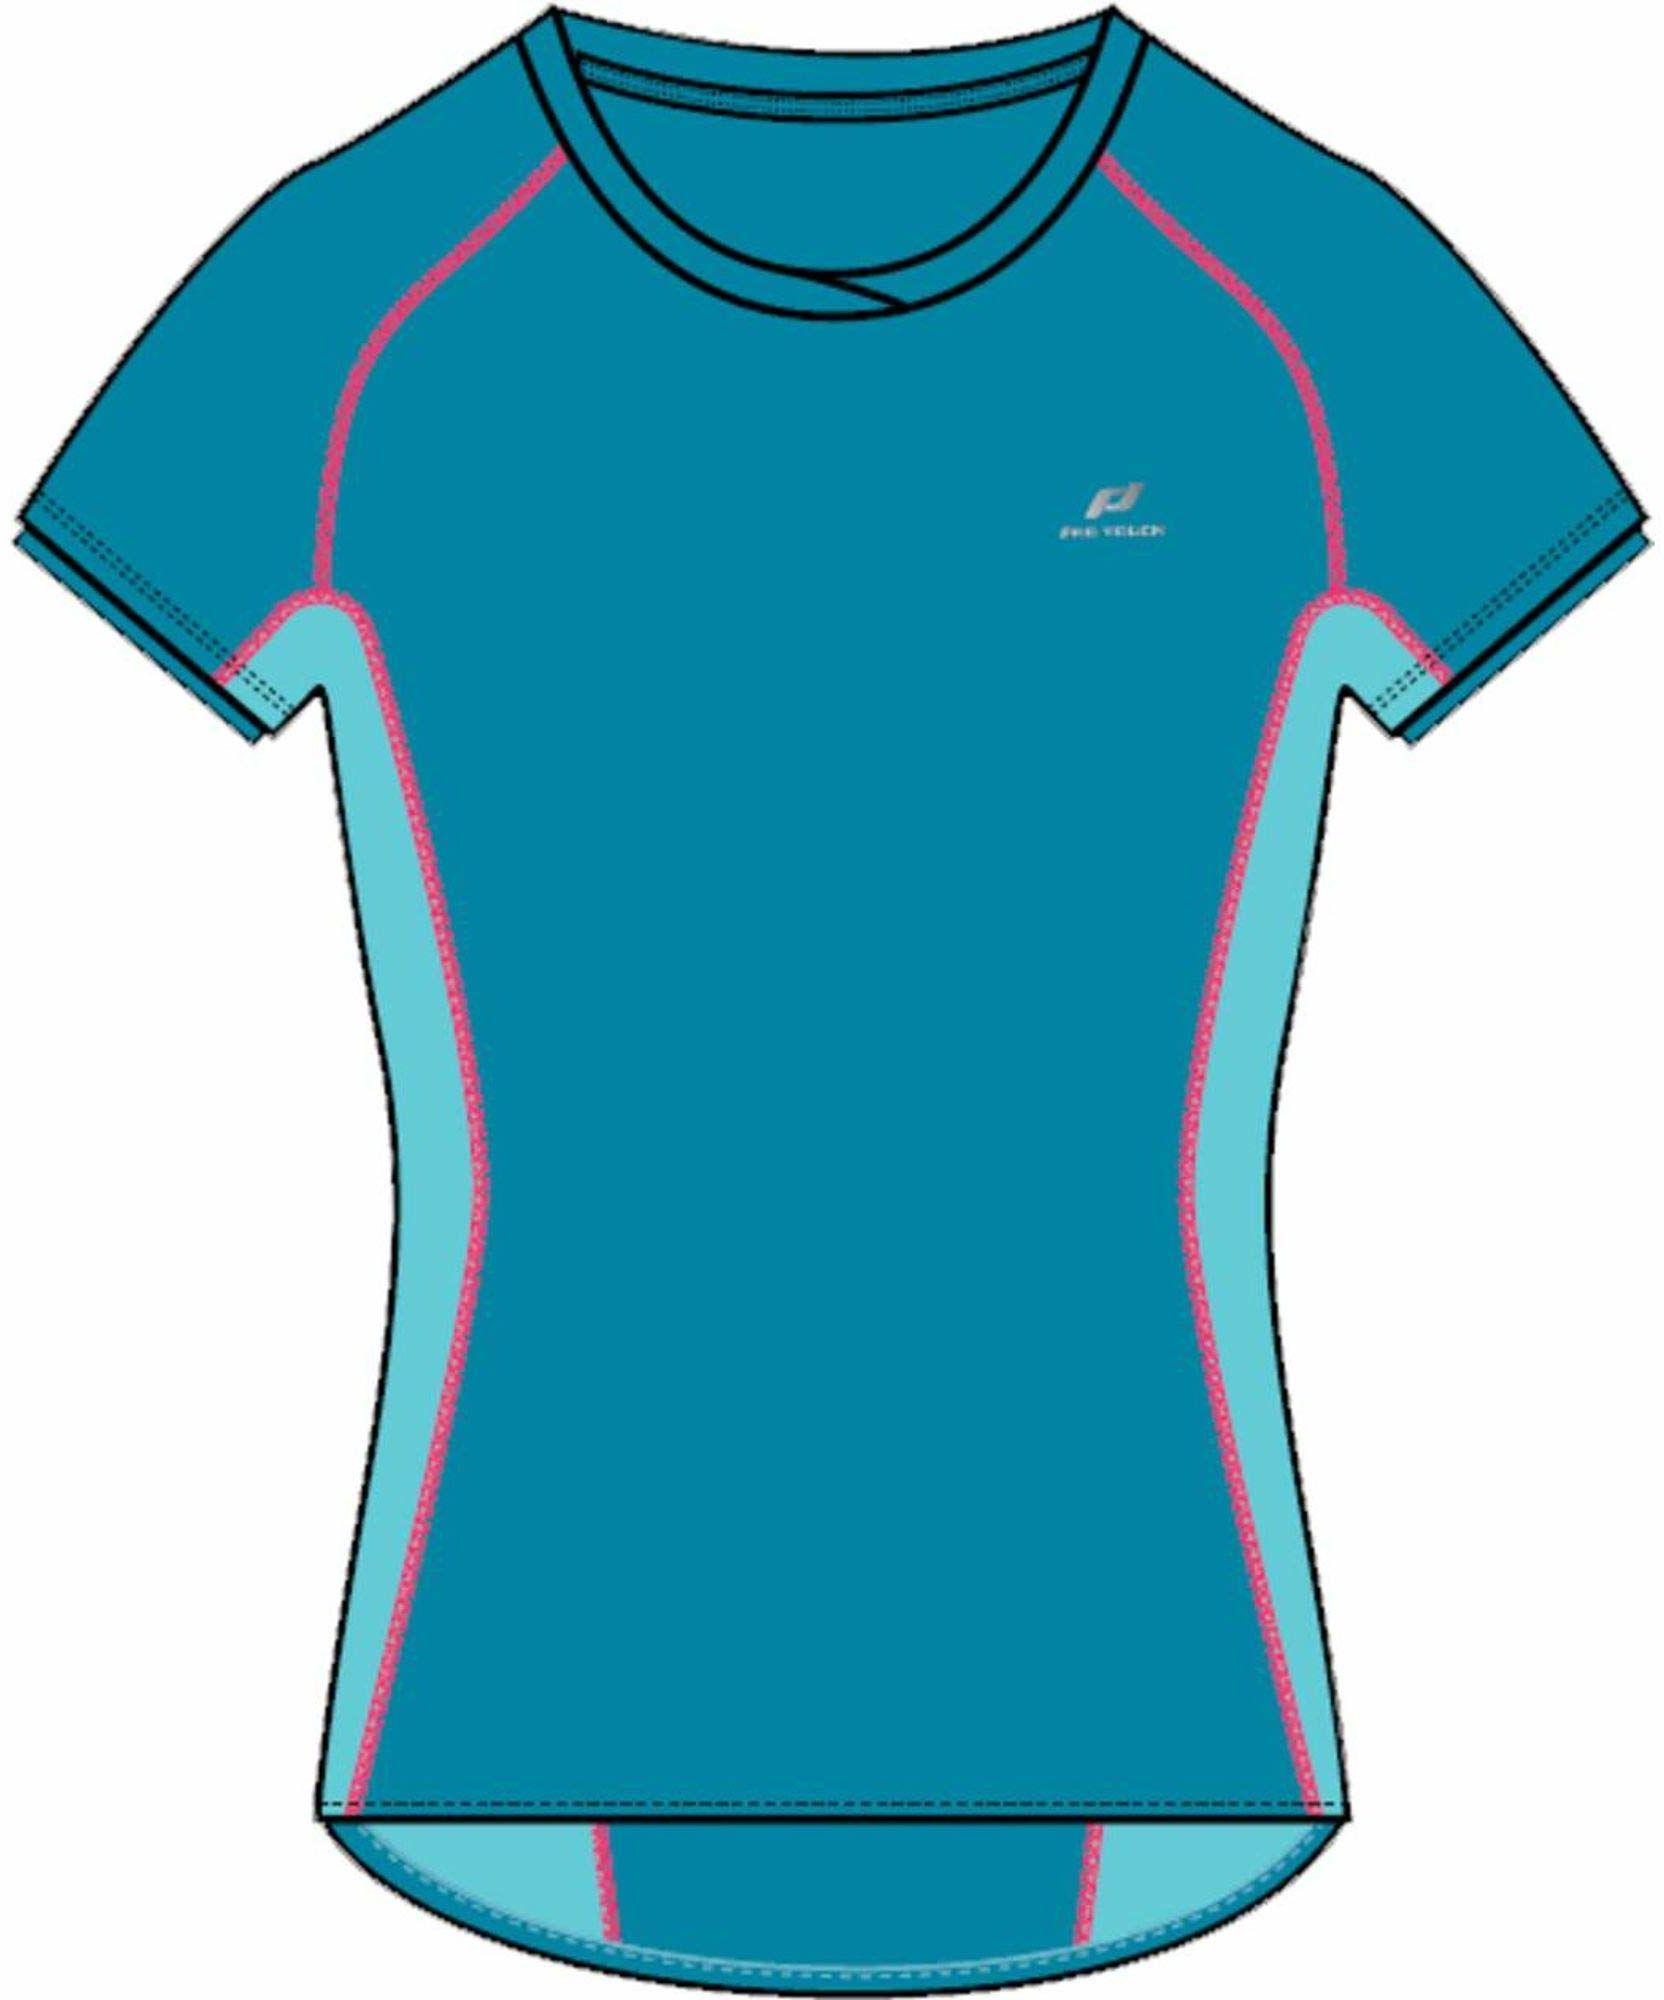 Pro Touch damska koszulka z krótkim rękawem Gaisa niebieski Blue Aqua/Turquoise 46